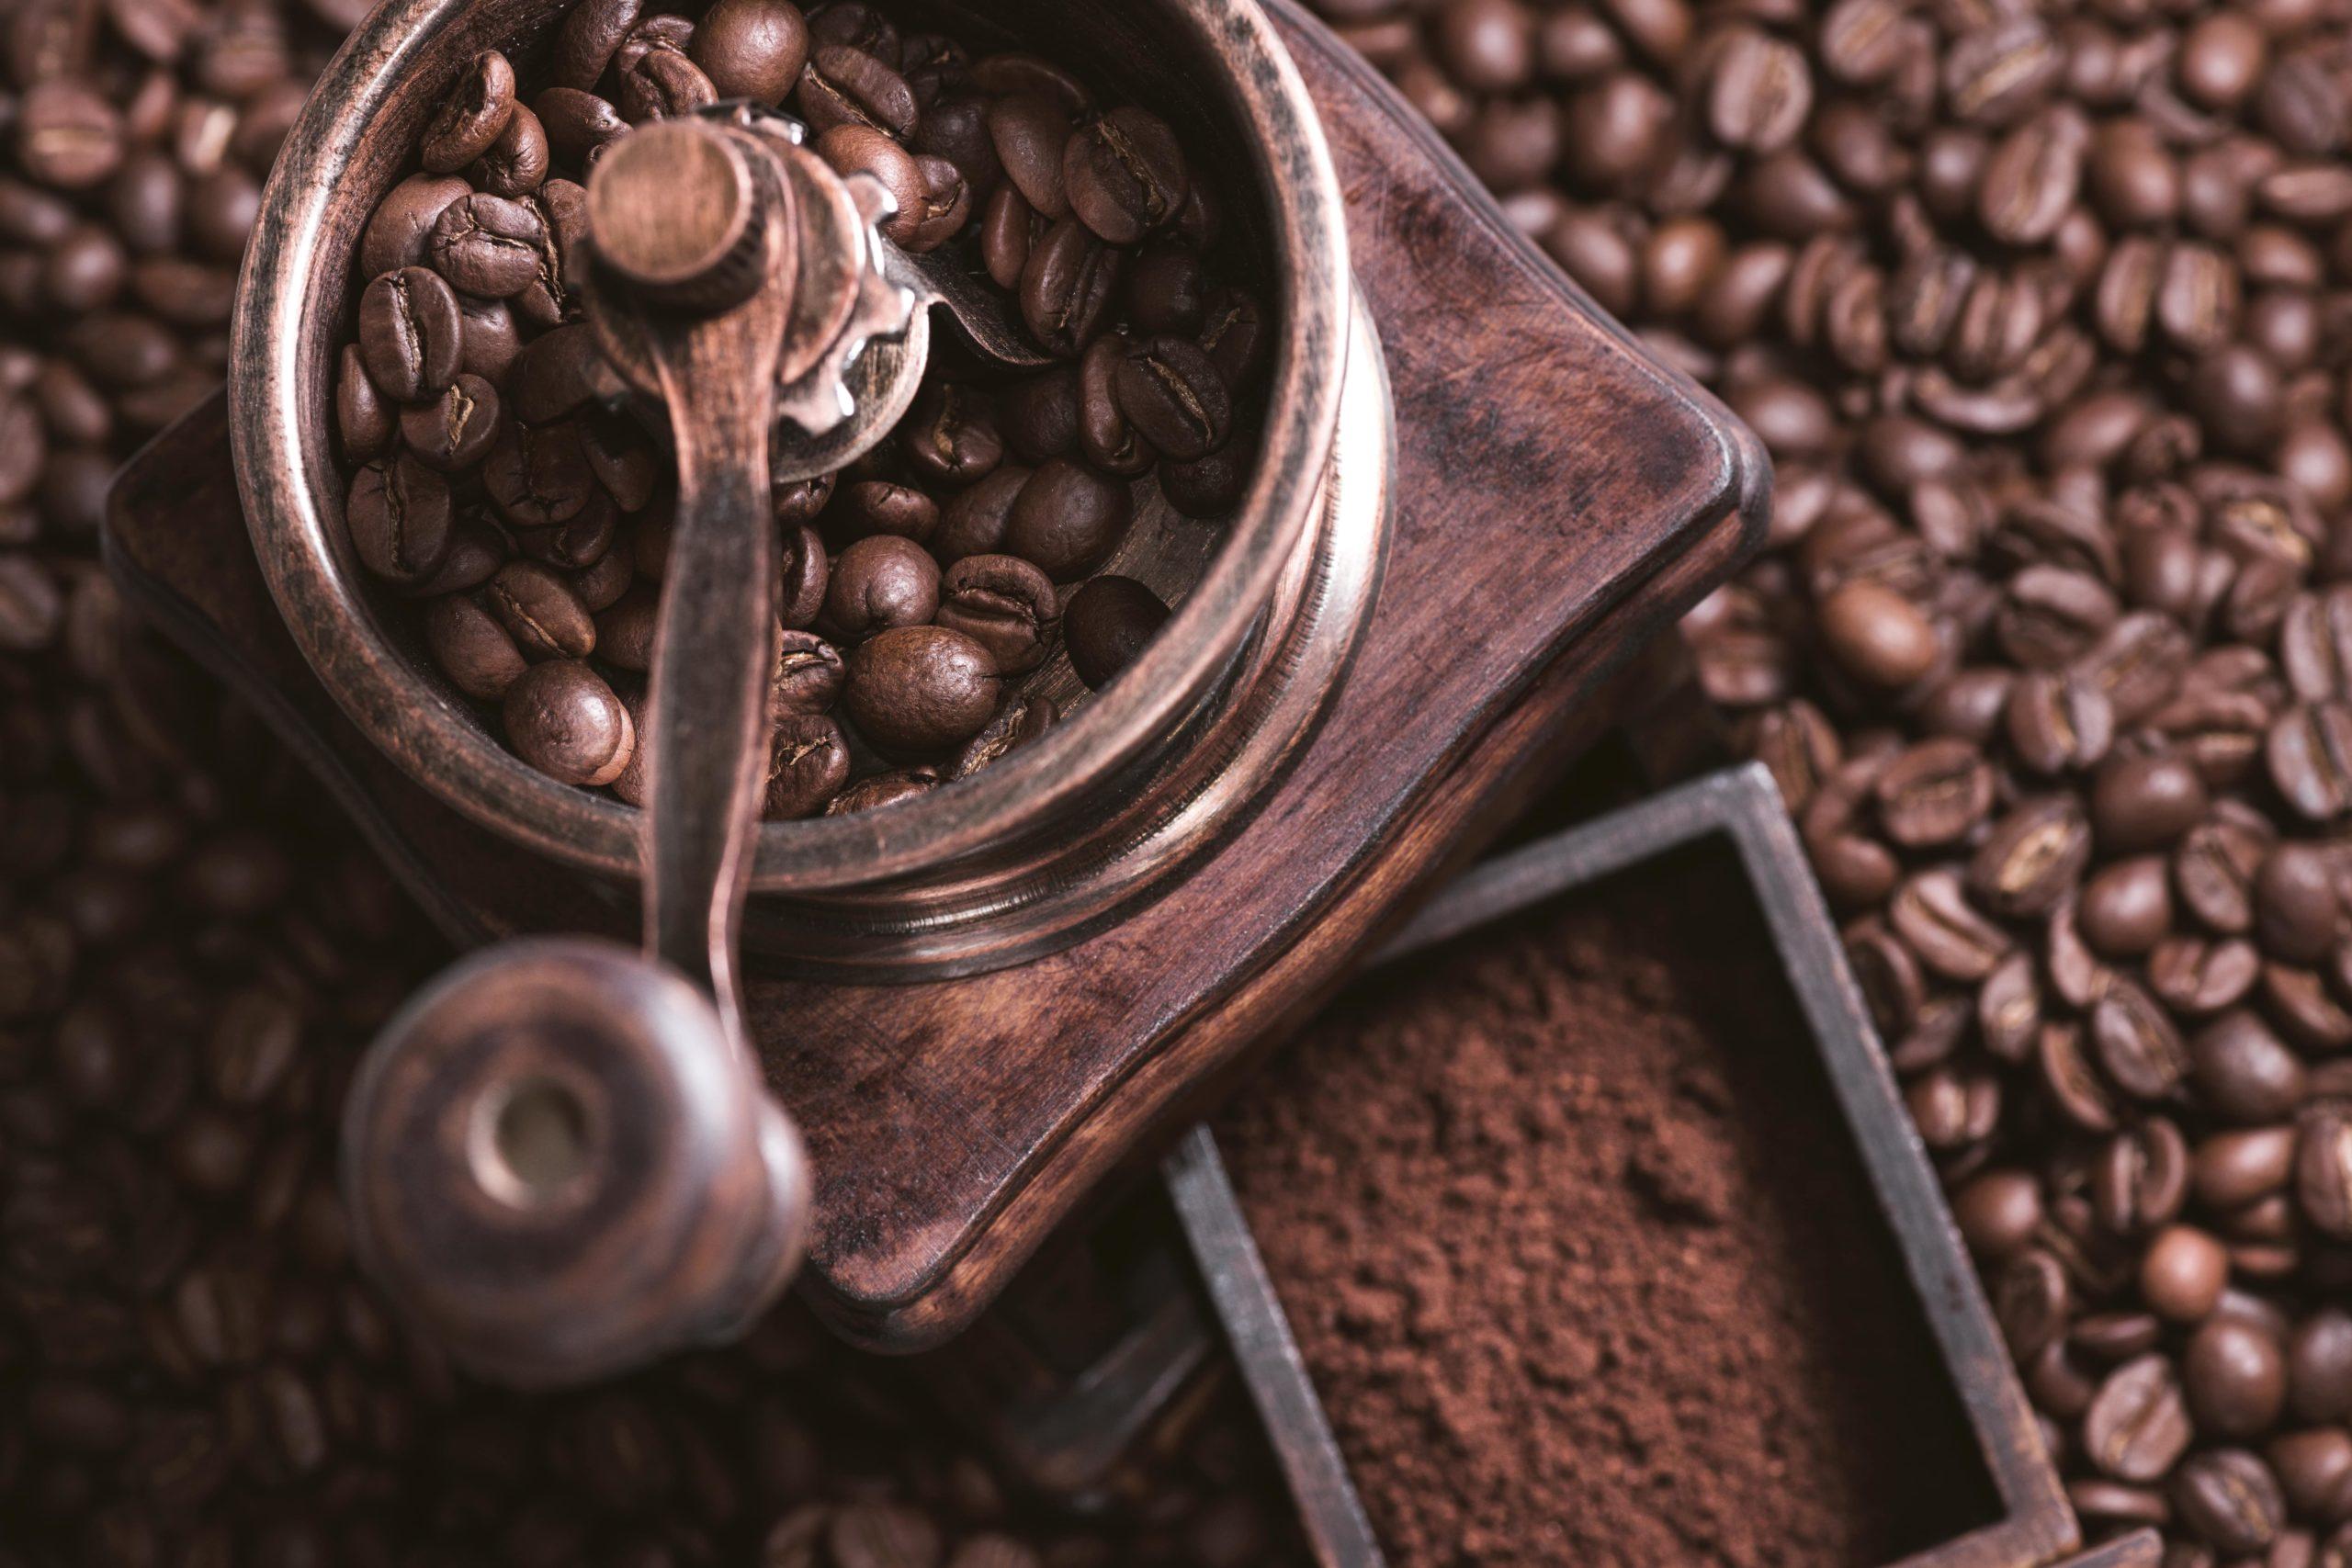 Manual coffee bean grinder.